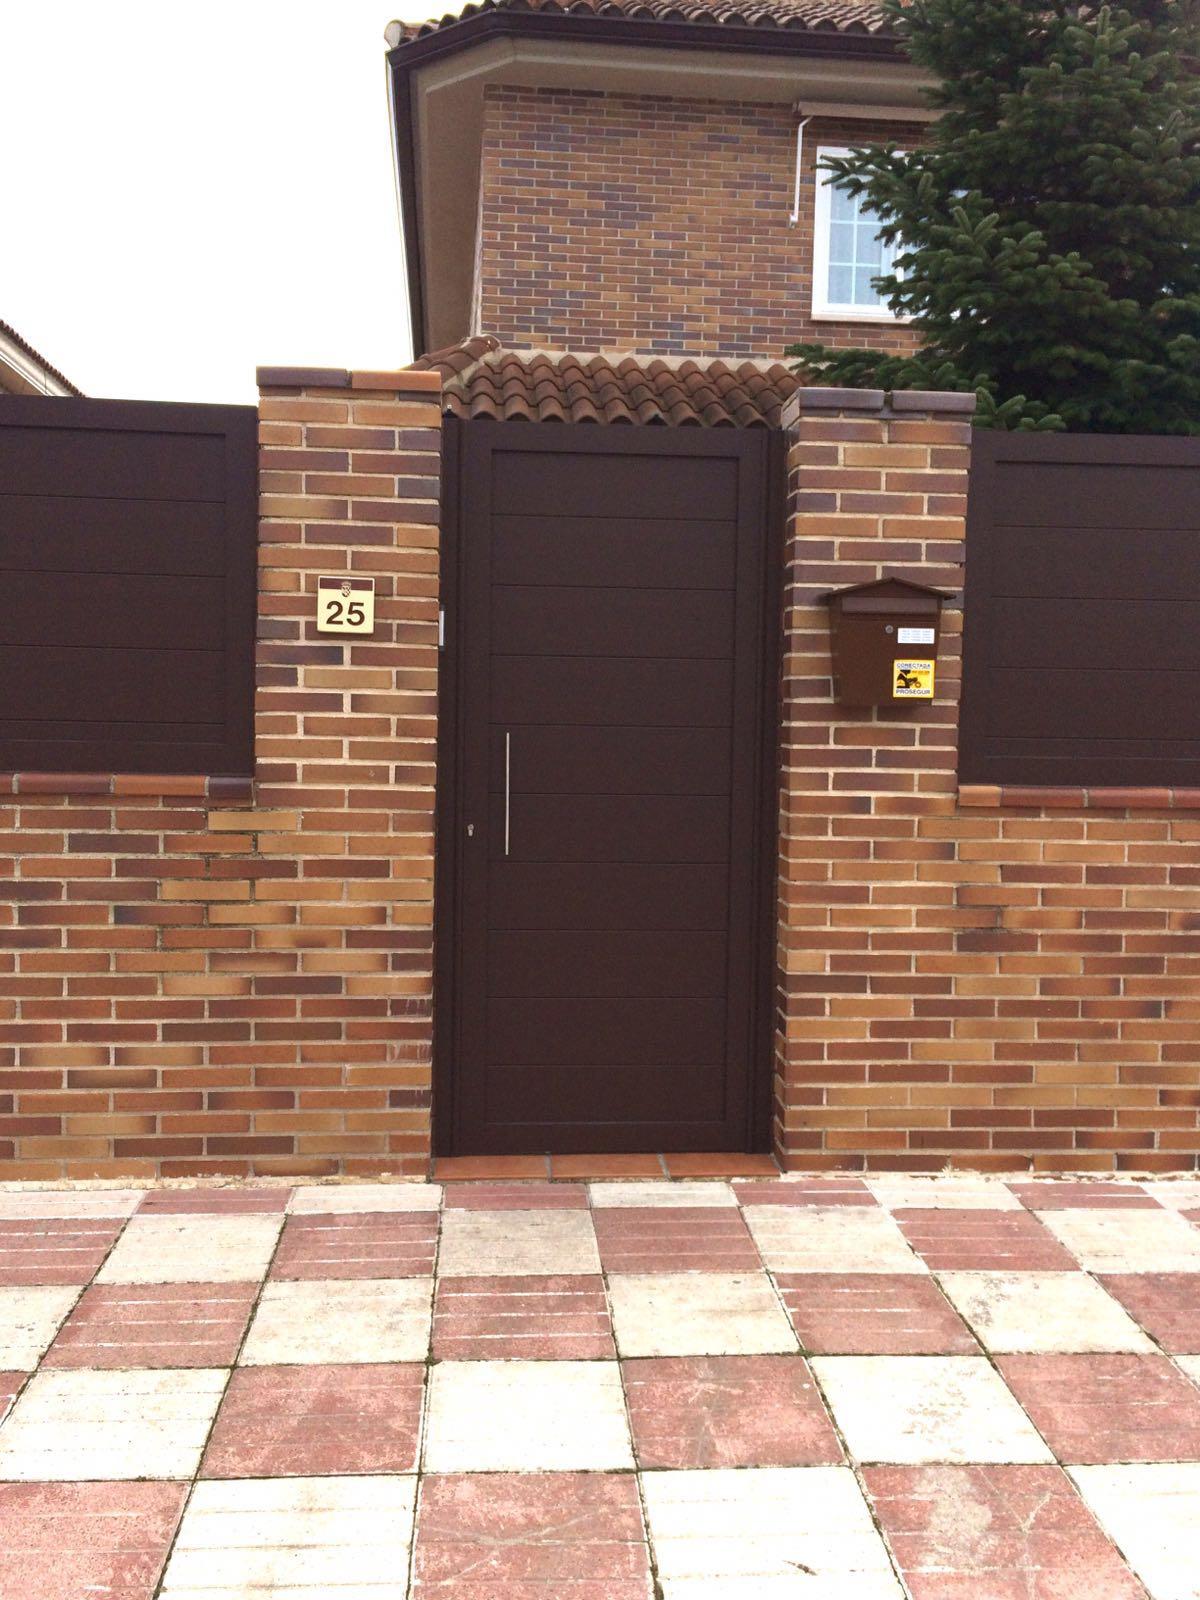 Puertas de aluminio para exterior modelo gri on for Puertas exterior aluminio baratas